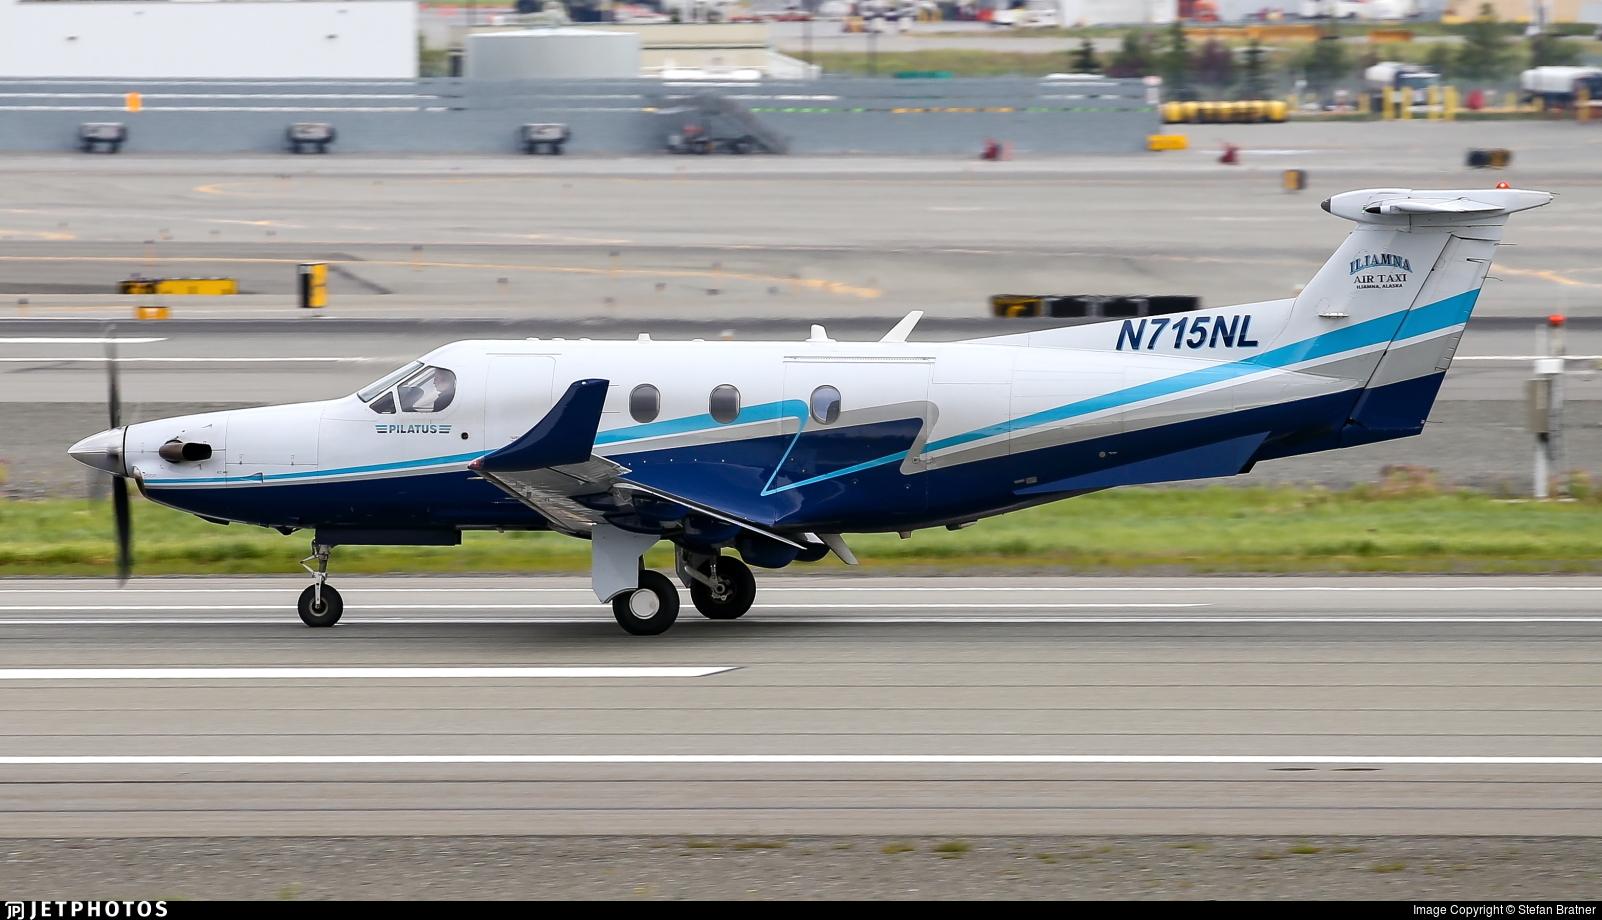 N715NL - Pilatus PC-12/45 - Iliamna Air Taxi